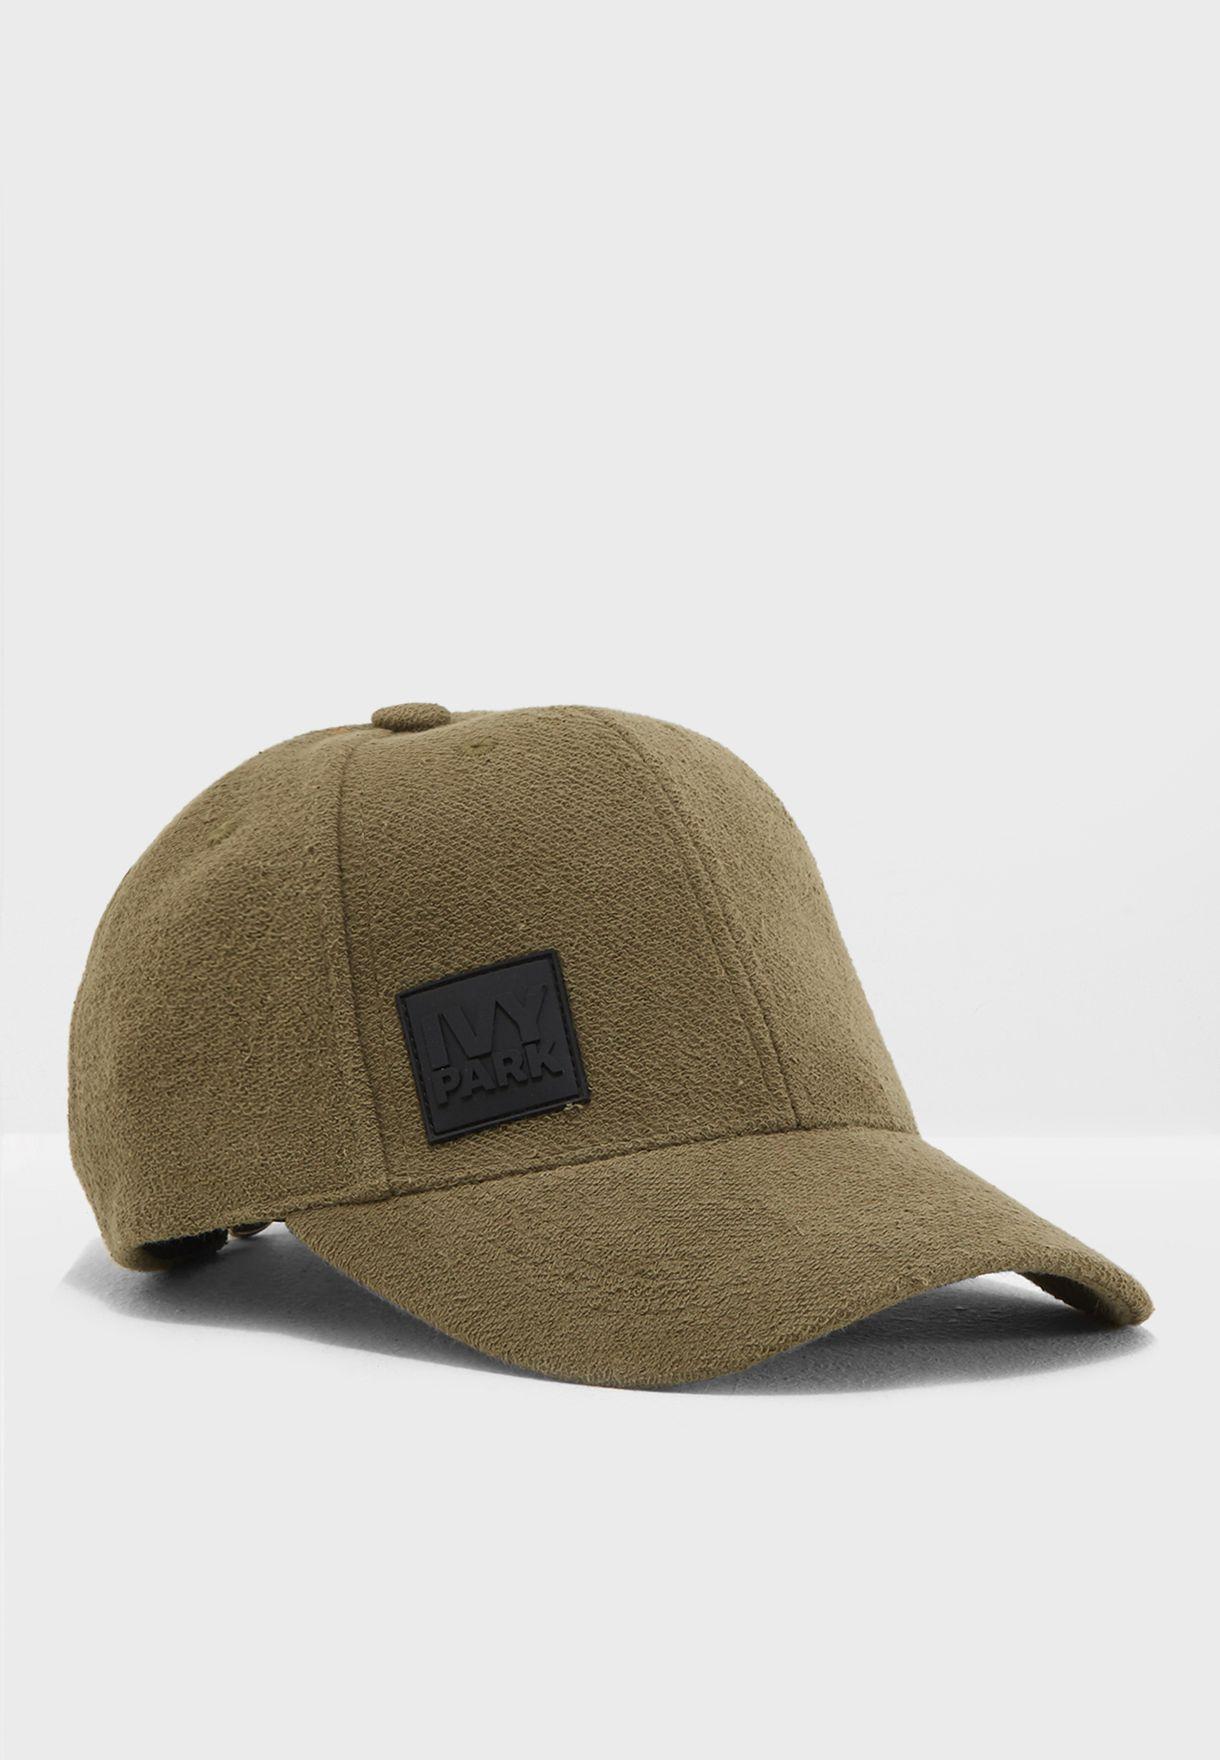 753538d7b15 Shop Ivy Park green Reverse Loopback Baseball Cap 29A35PDGN for ...